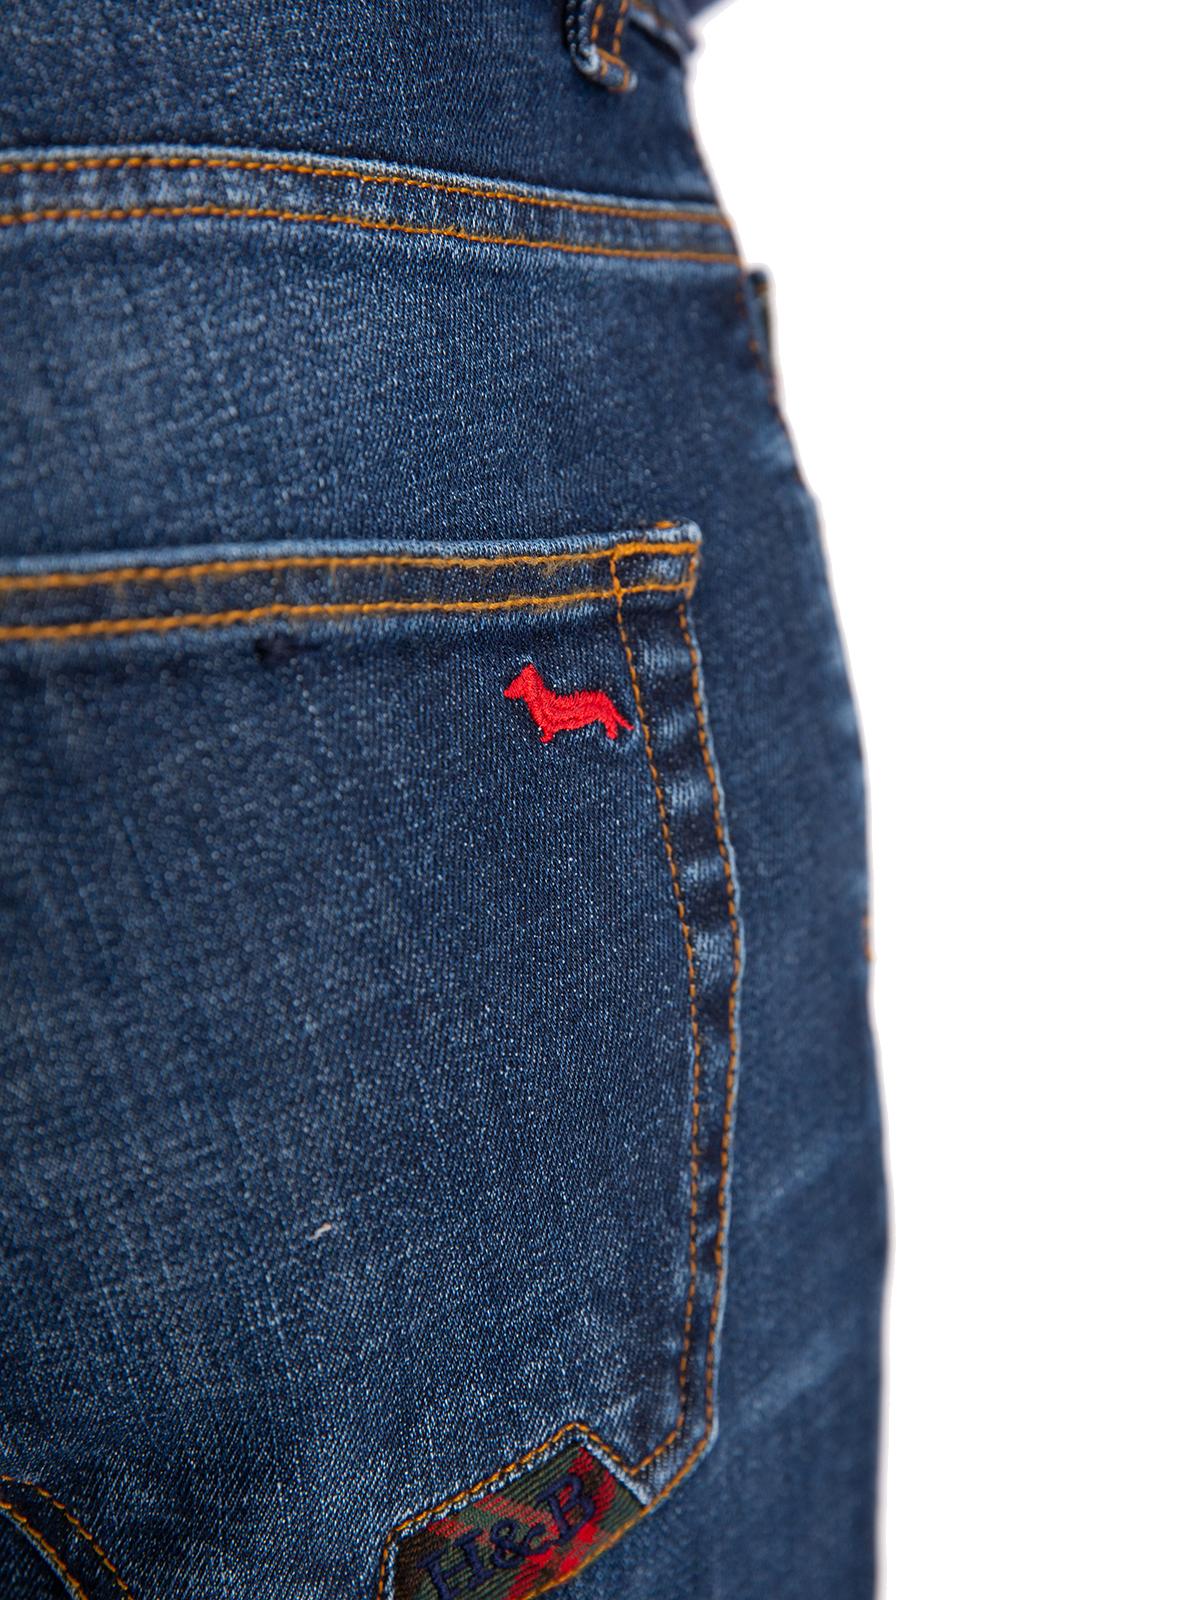 Harmont & Blaine Jeans WNC007 059401